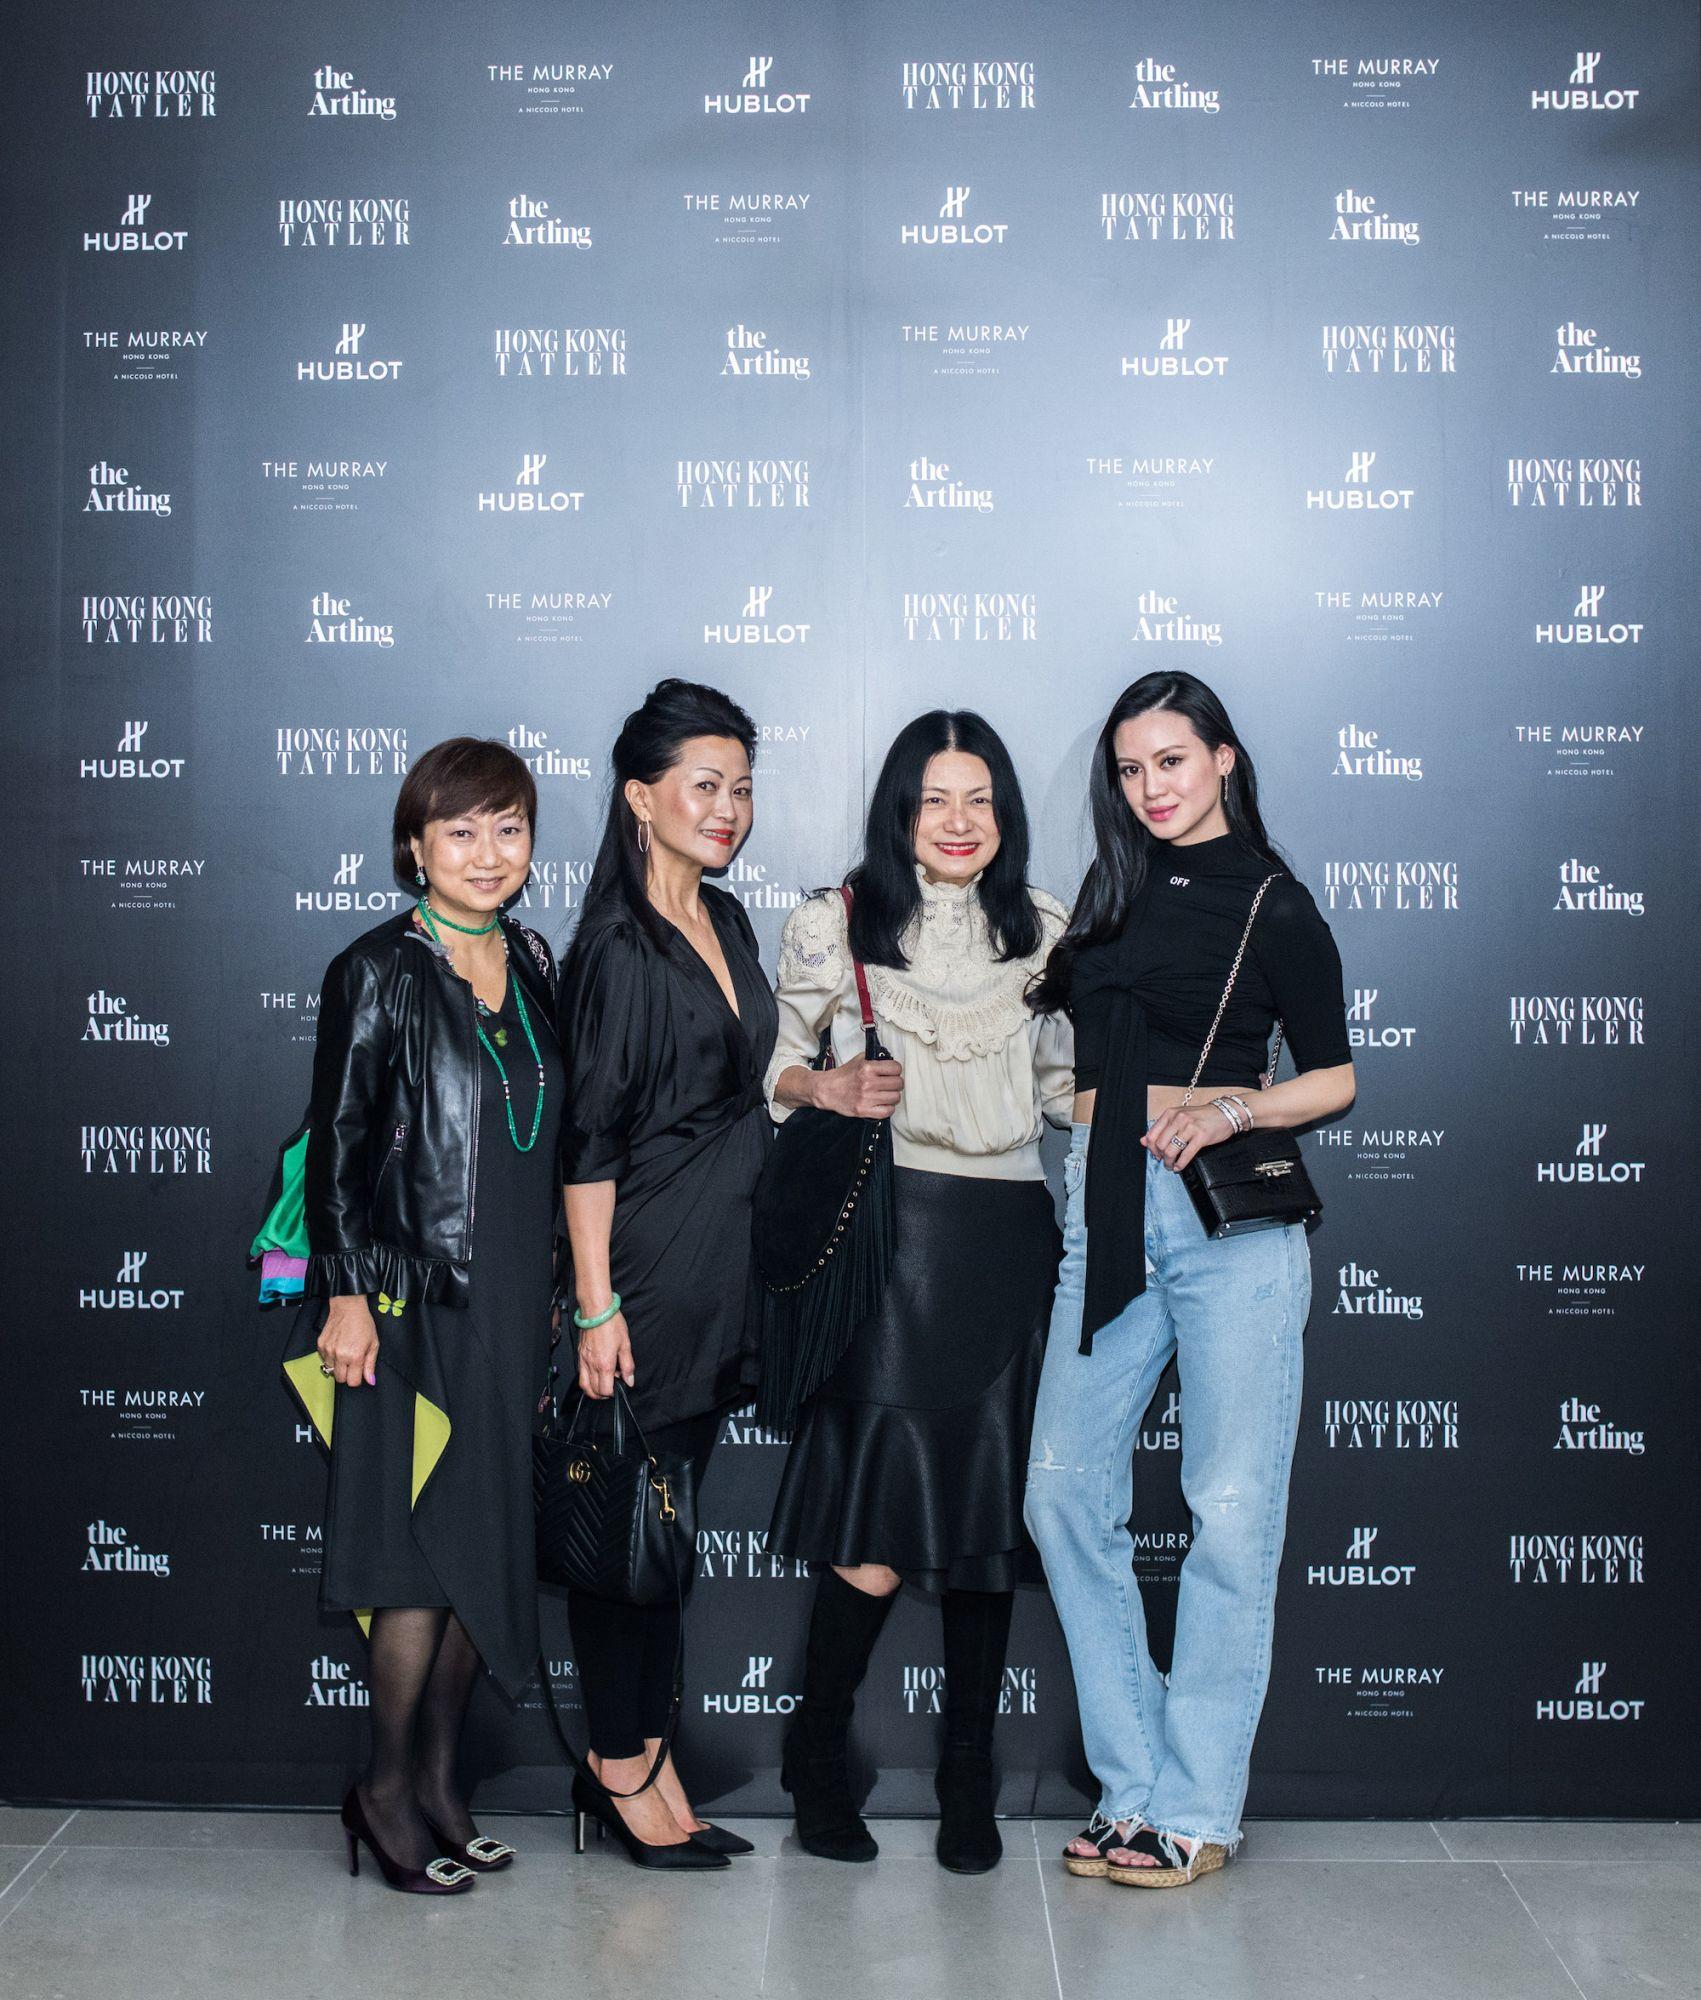 Diana Chou, Janie Fong, Vivienne Tam, Emily Lam-Ho